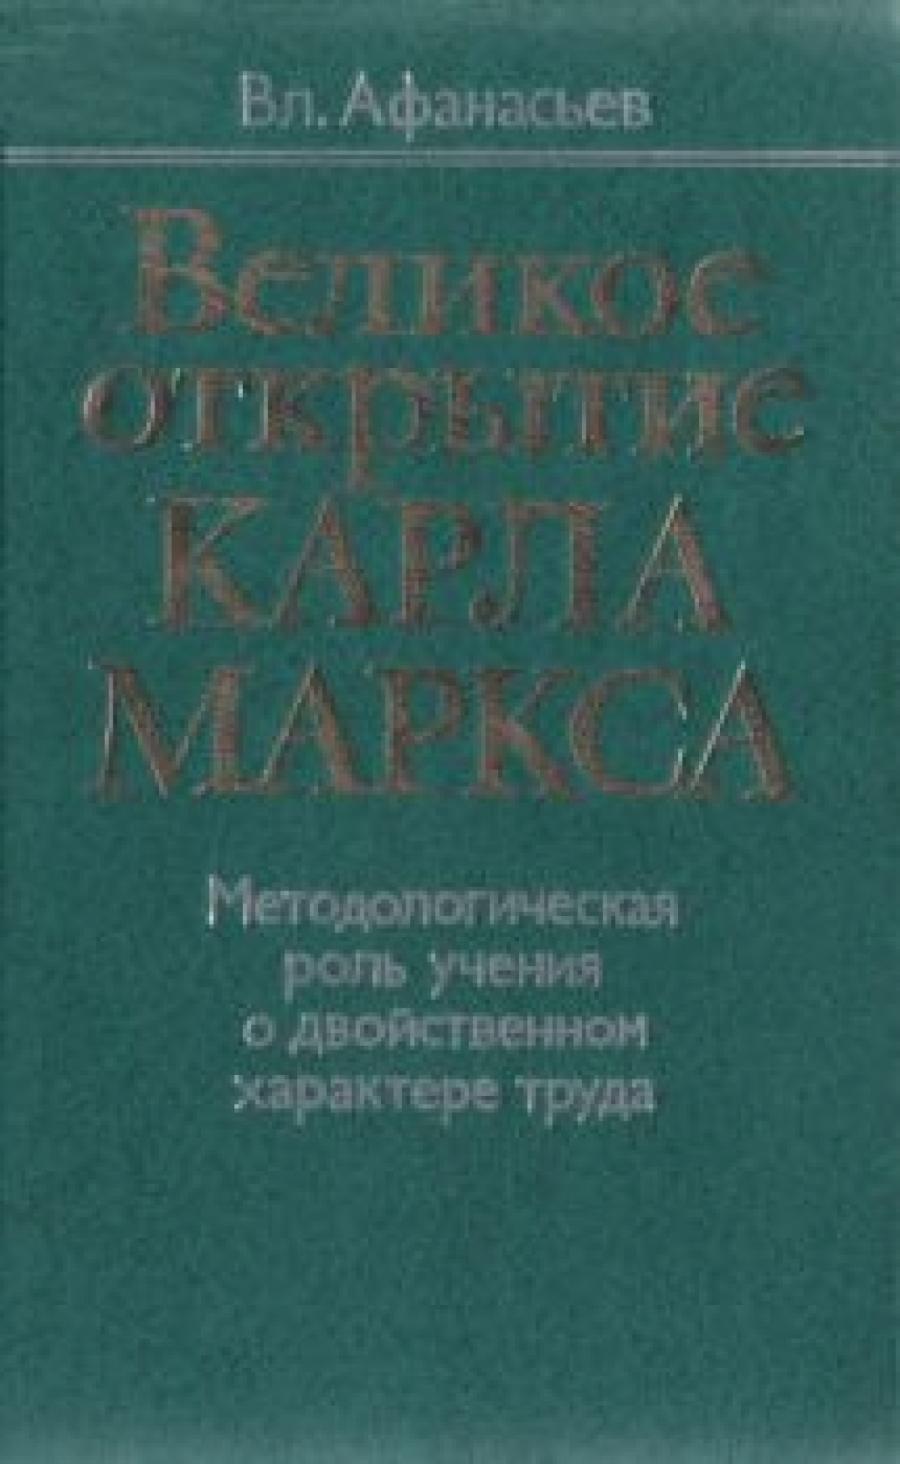 Обложка книги:  афанасьев в. - великое открытие карла маркса. методологическая роль учения о двойственном характере труда